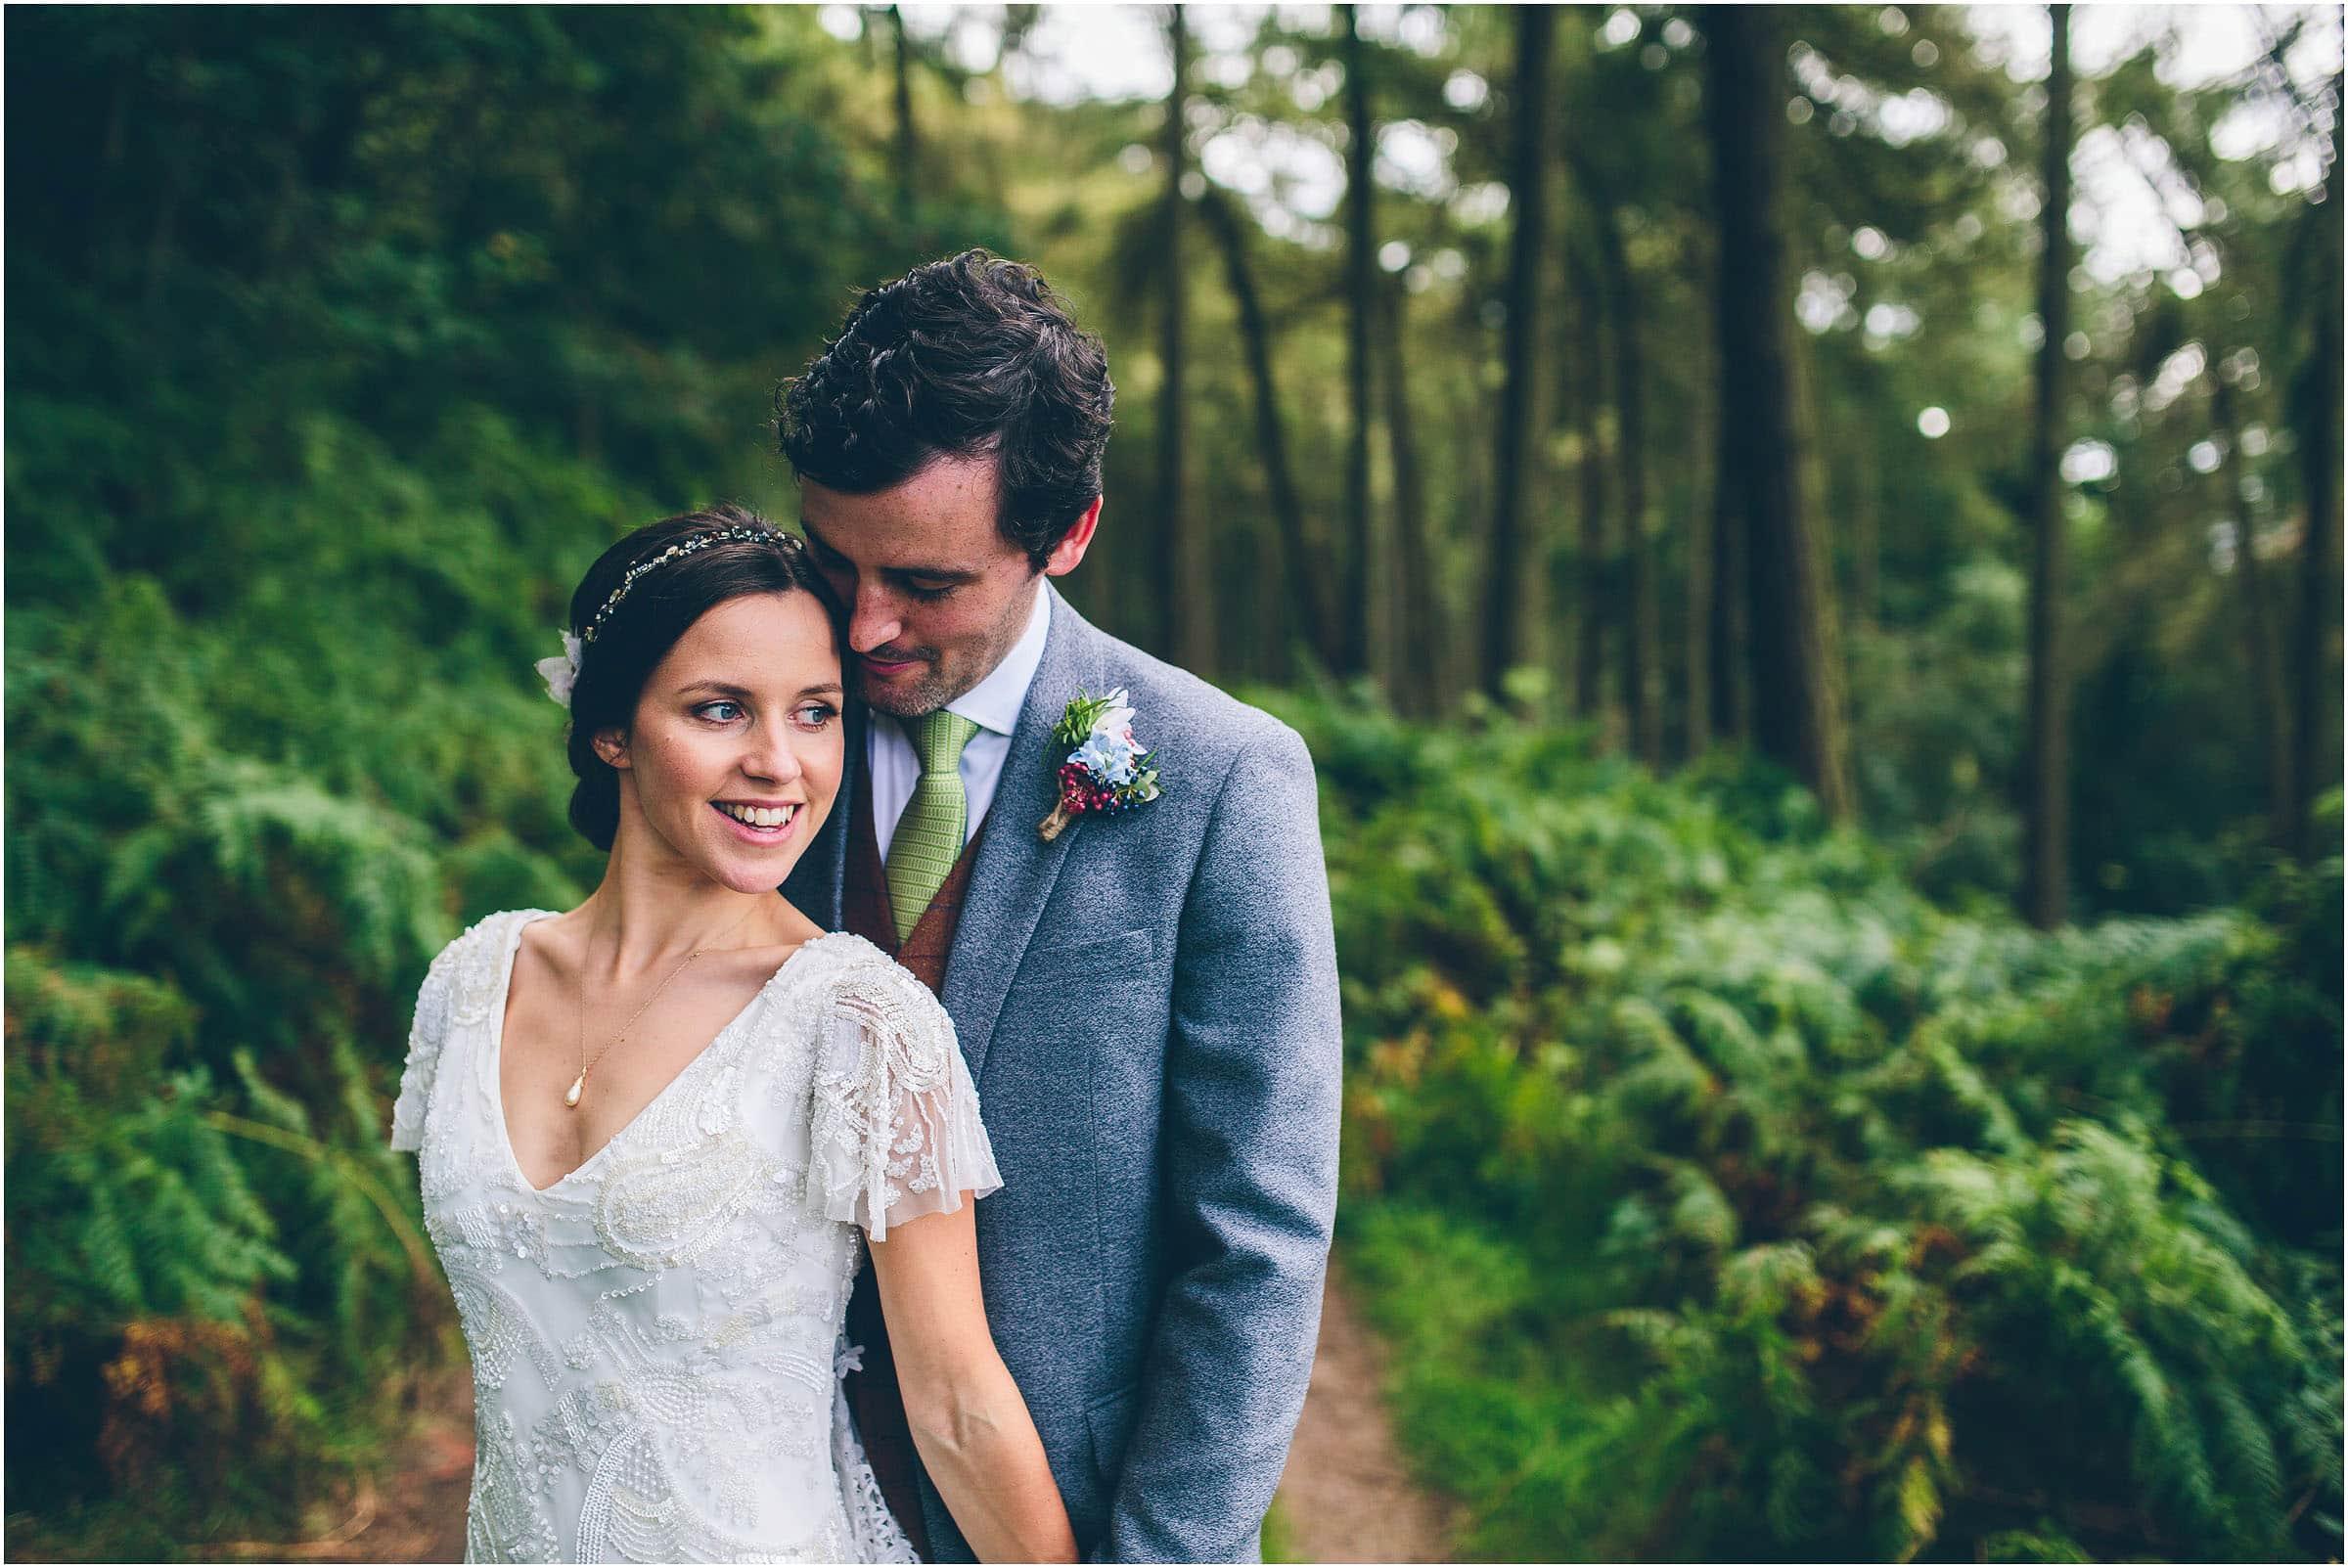 Harthill_Weddings_Wedding_Photography_0072